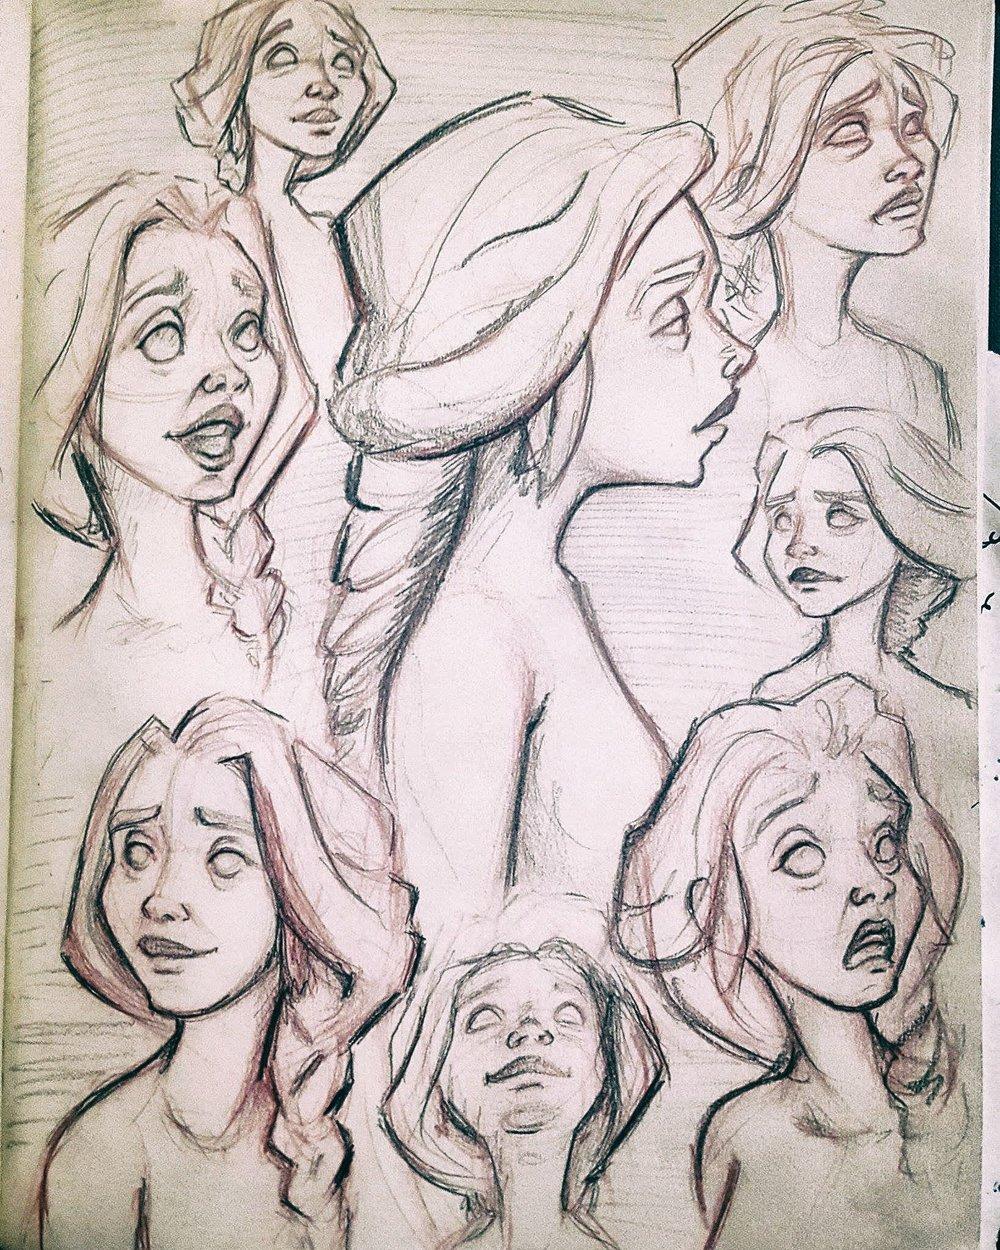 character drawing1.jpeg